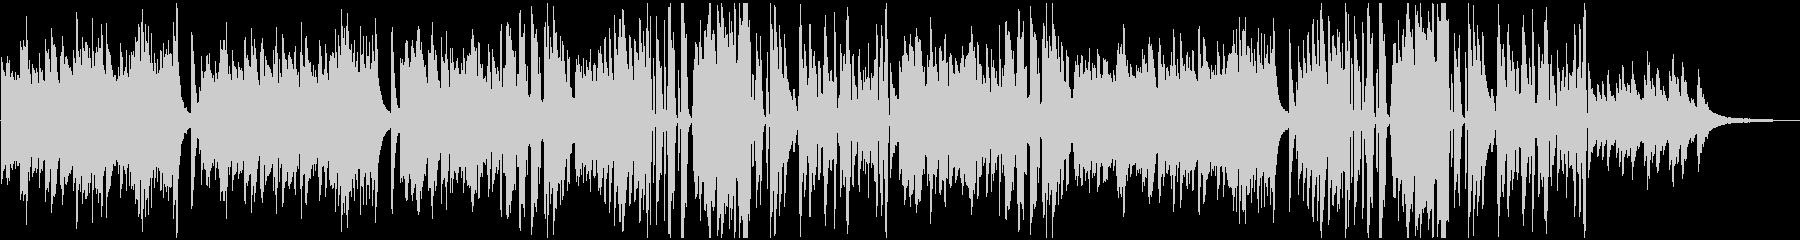 ピアノBGM ビート感あるクールなピアノの未再生の波形